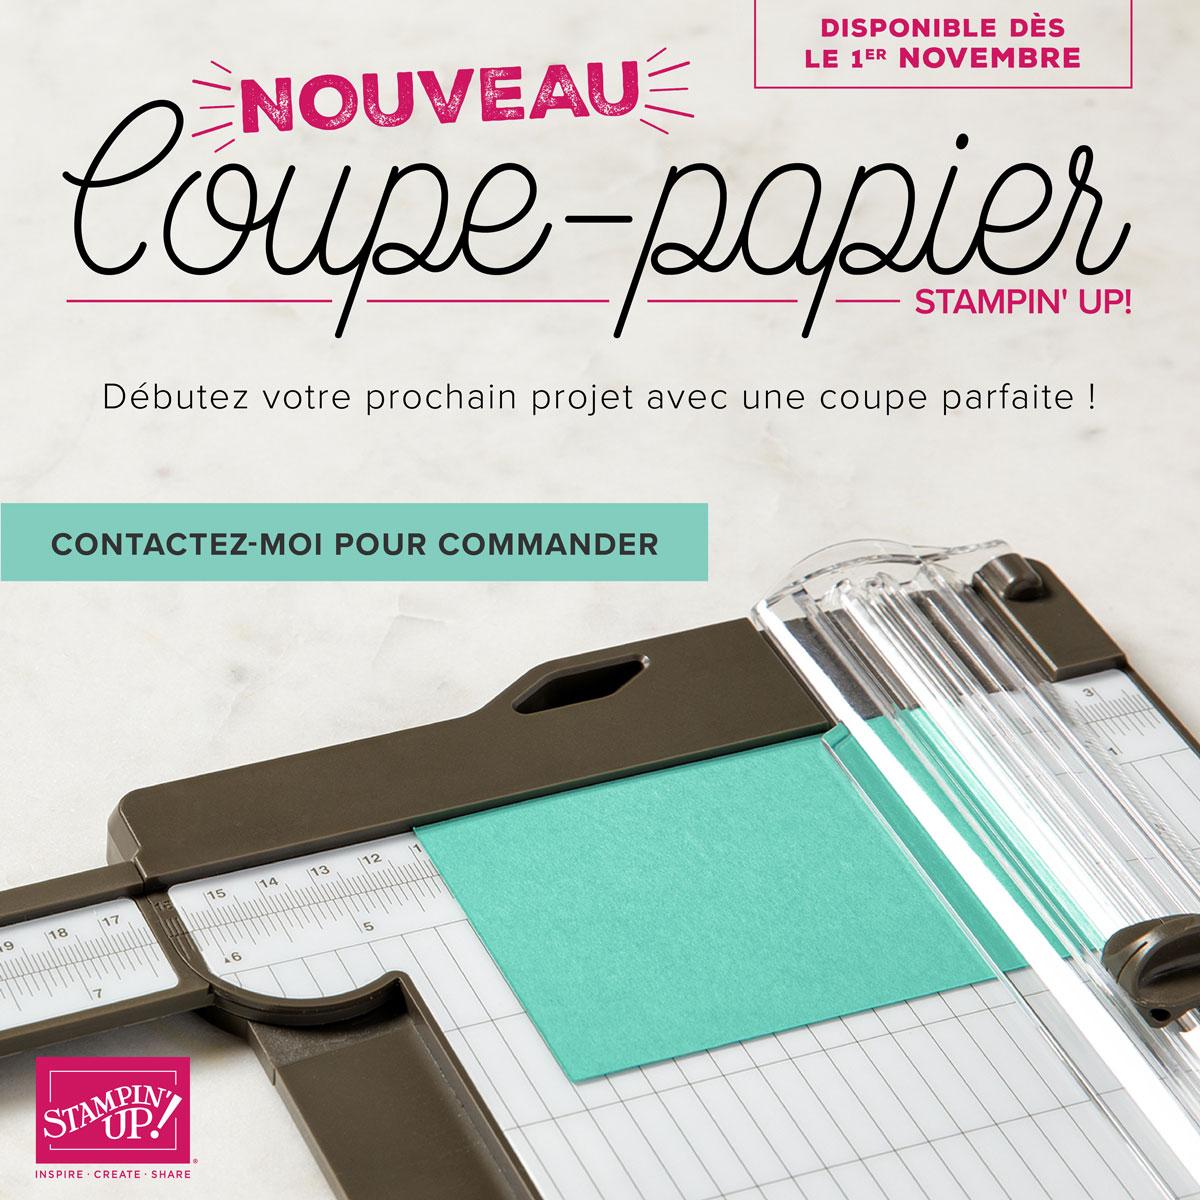 Commandez le nouveau coupe papier Stampin up !